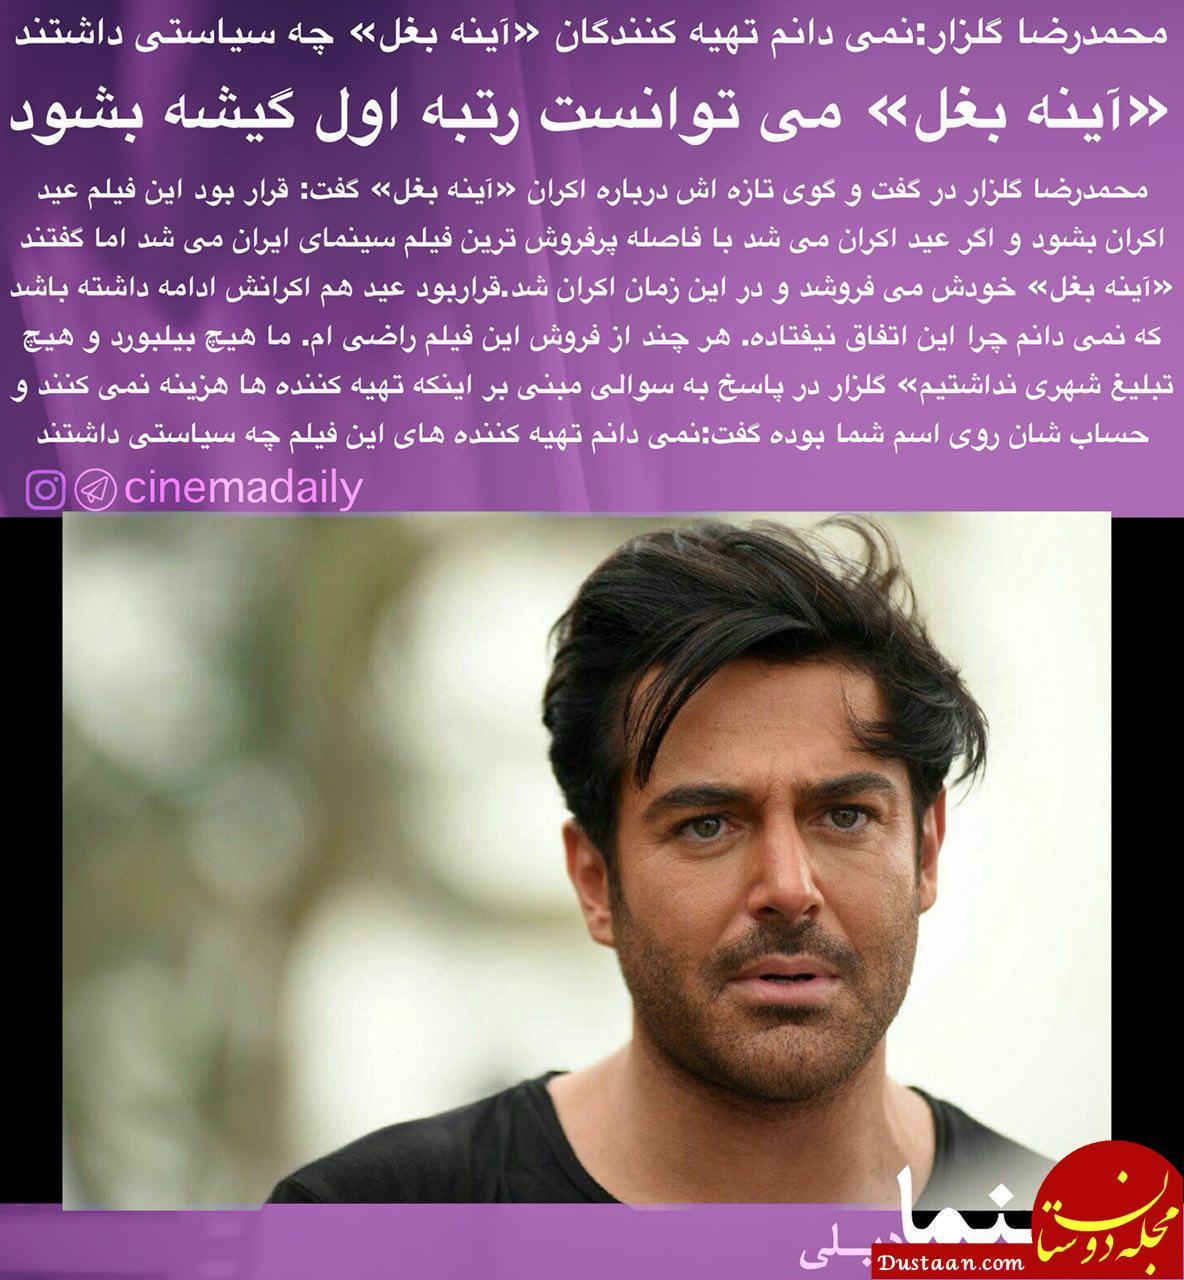 www.dustaan.com گلزار:«آینه بغل» عید اکران می شد پرفروش ترین فیلم سینما می شد